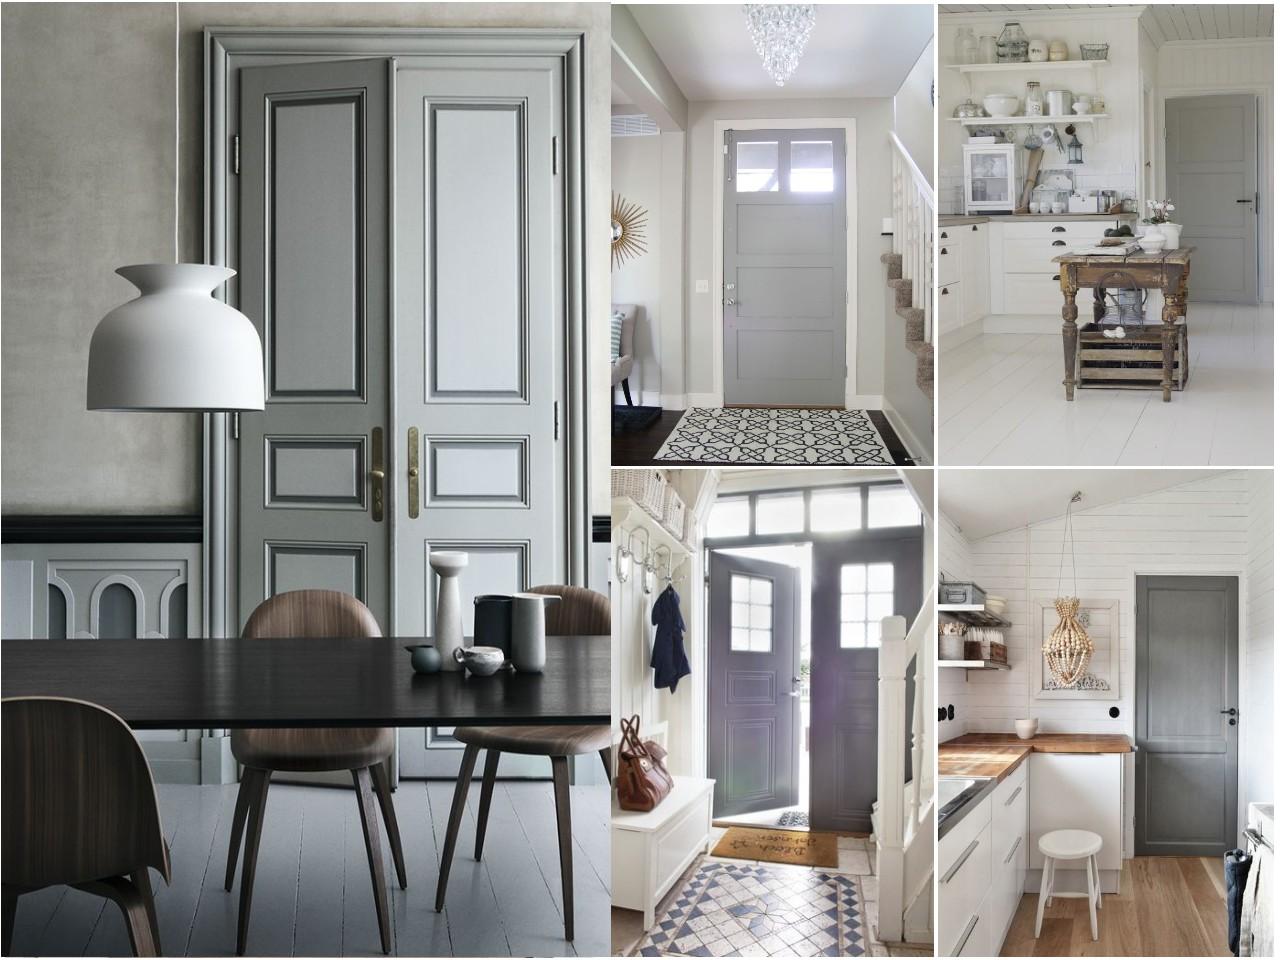 C mo pintar las puertas de casa ideas e inspiraci n for Como pintar casa interior